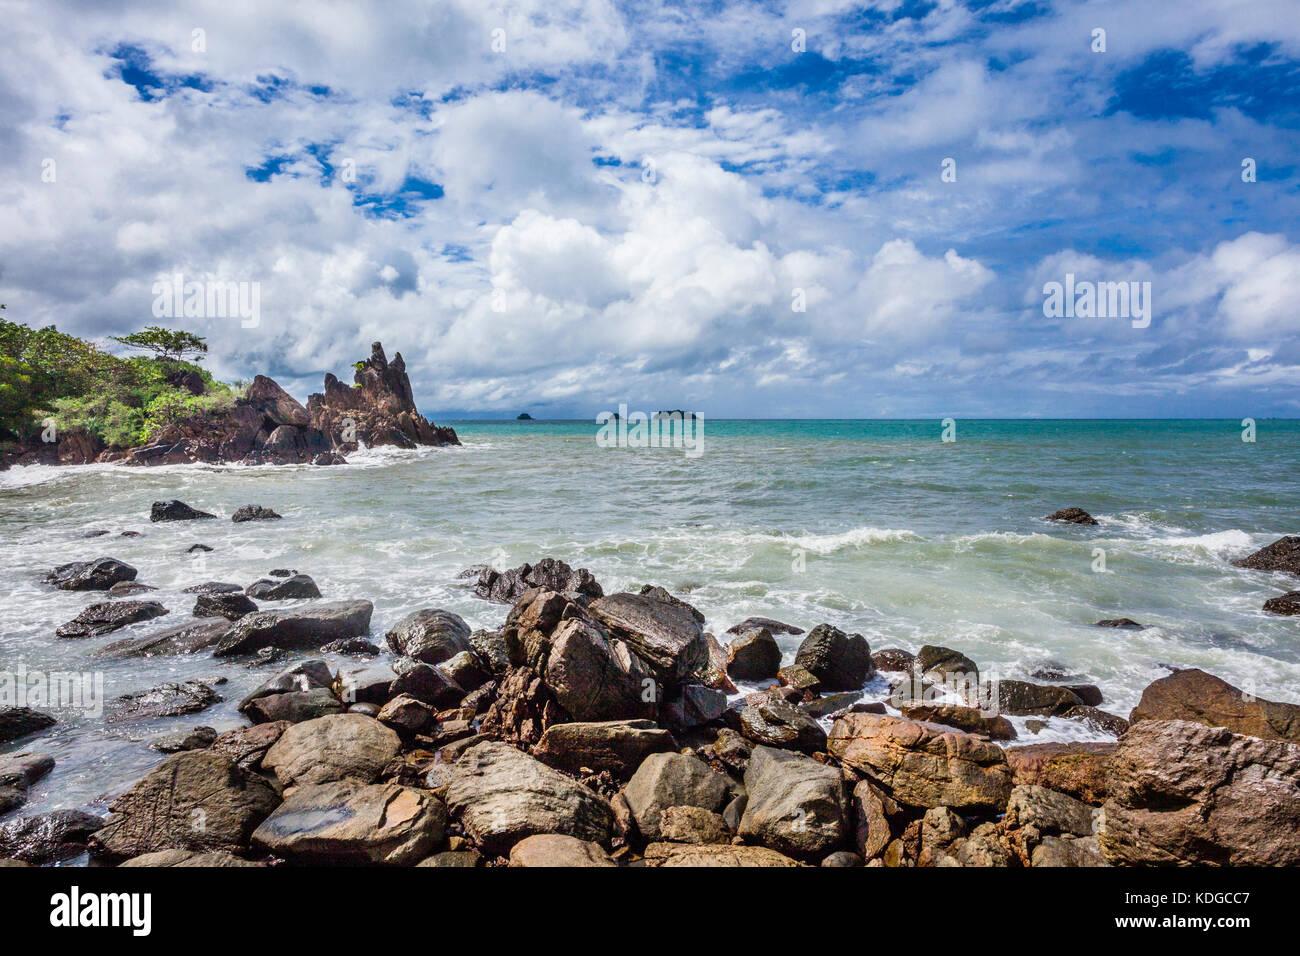 Thailandia, Trat Provincia, isola tropicale di Koh Chang nel Golfo della Tailandia, costa rocciosa a Cape Chai Chet Immagini Stock